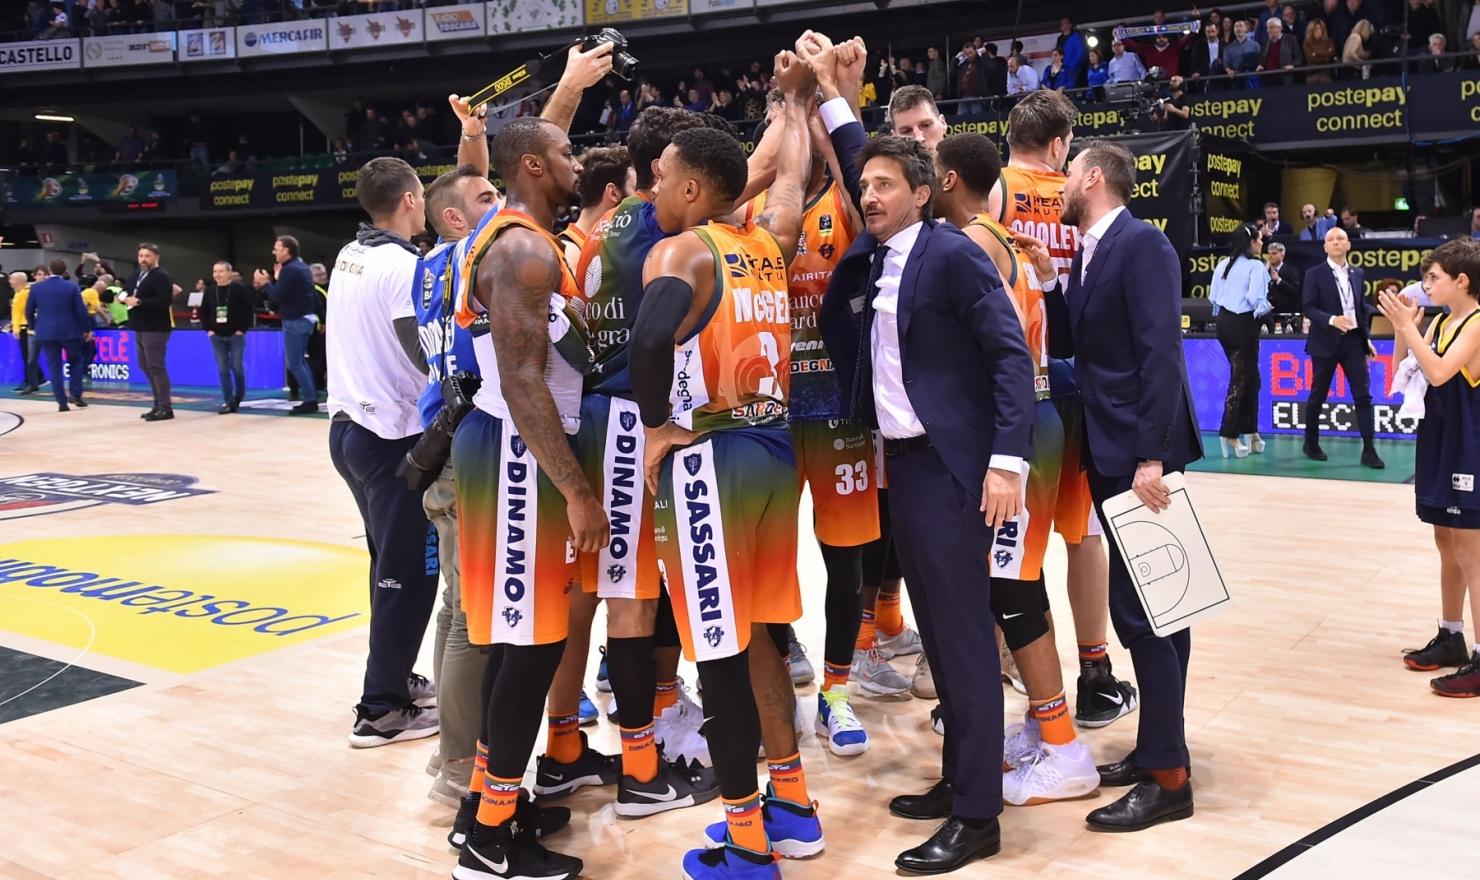 La Dinamo s'è fermata ad un punto dalla finale di Coppa Italia, sfiorata l'impresa con un'altra grande rimonta.